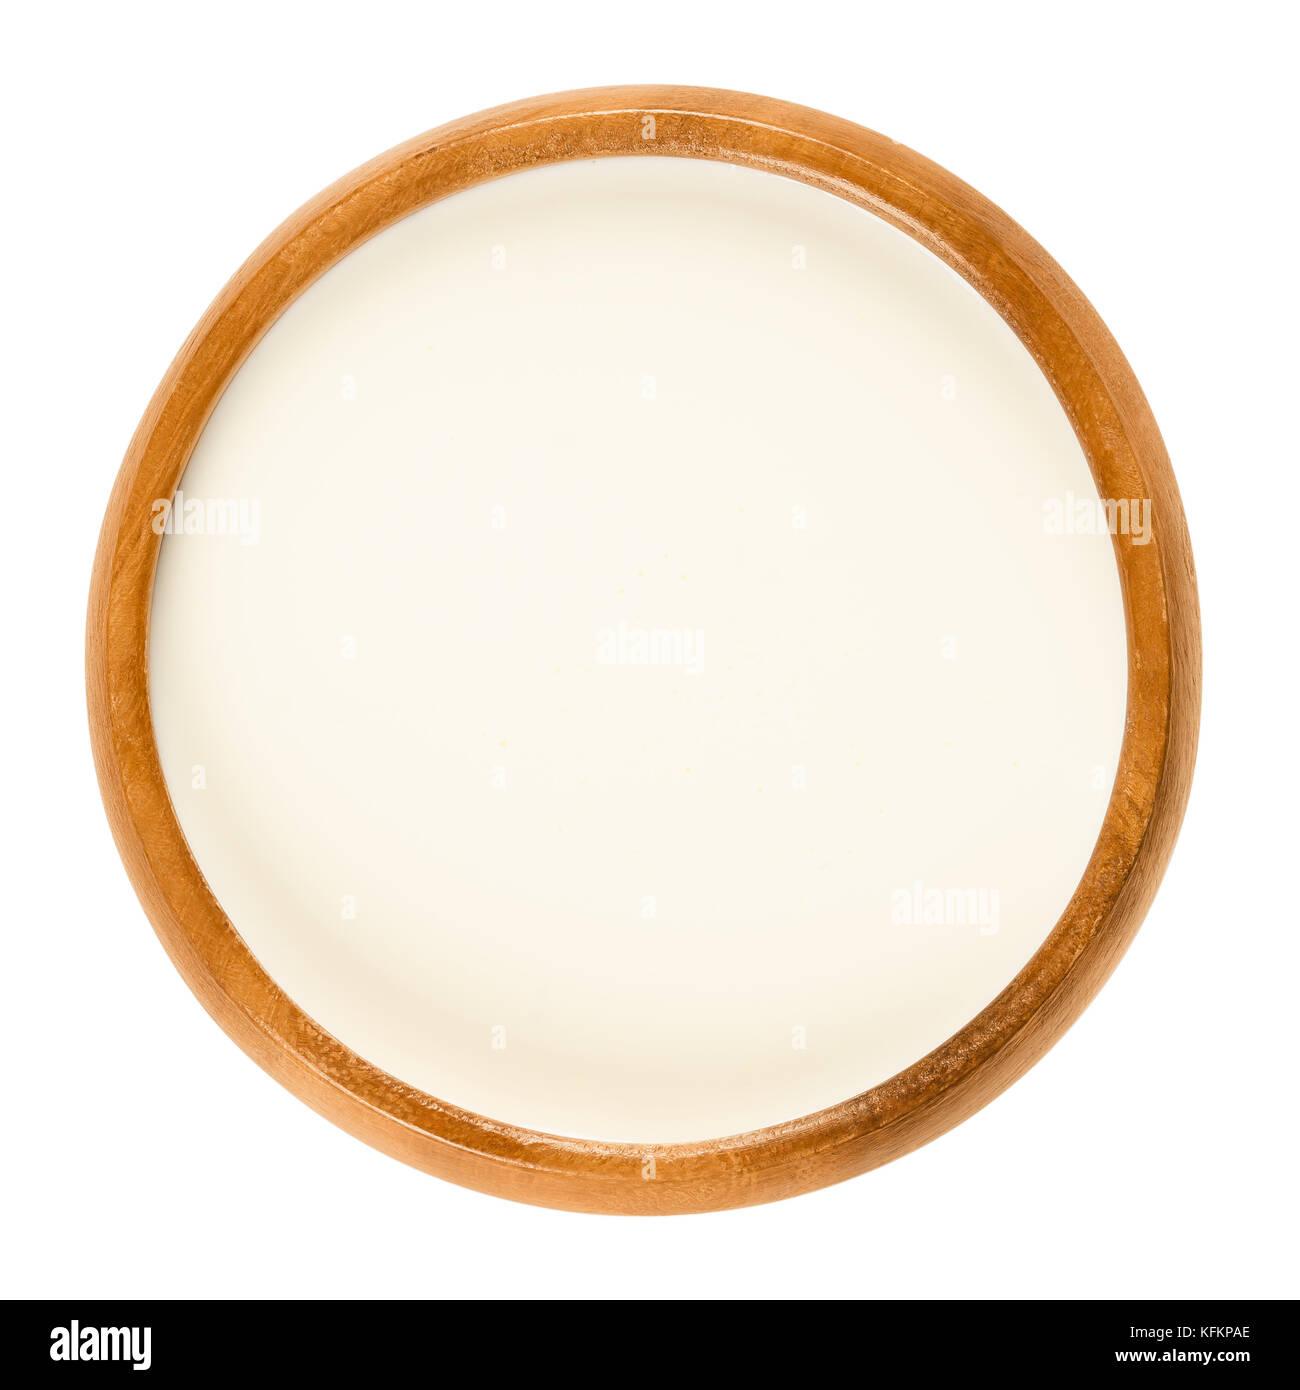 Crema dulce fresco en el tazón de madera un producto lácteo compuesto de la capa de materia grasa butírica Imagen De Stock